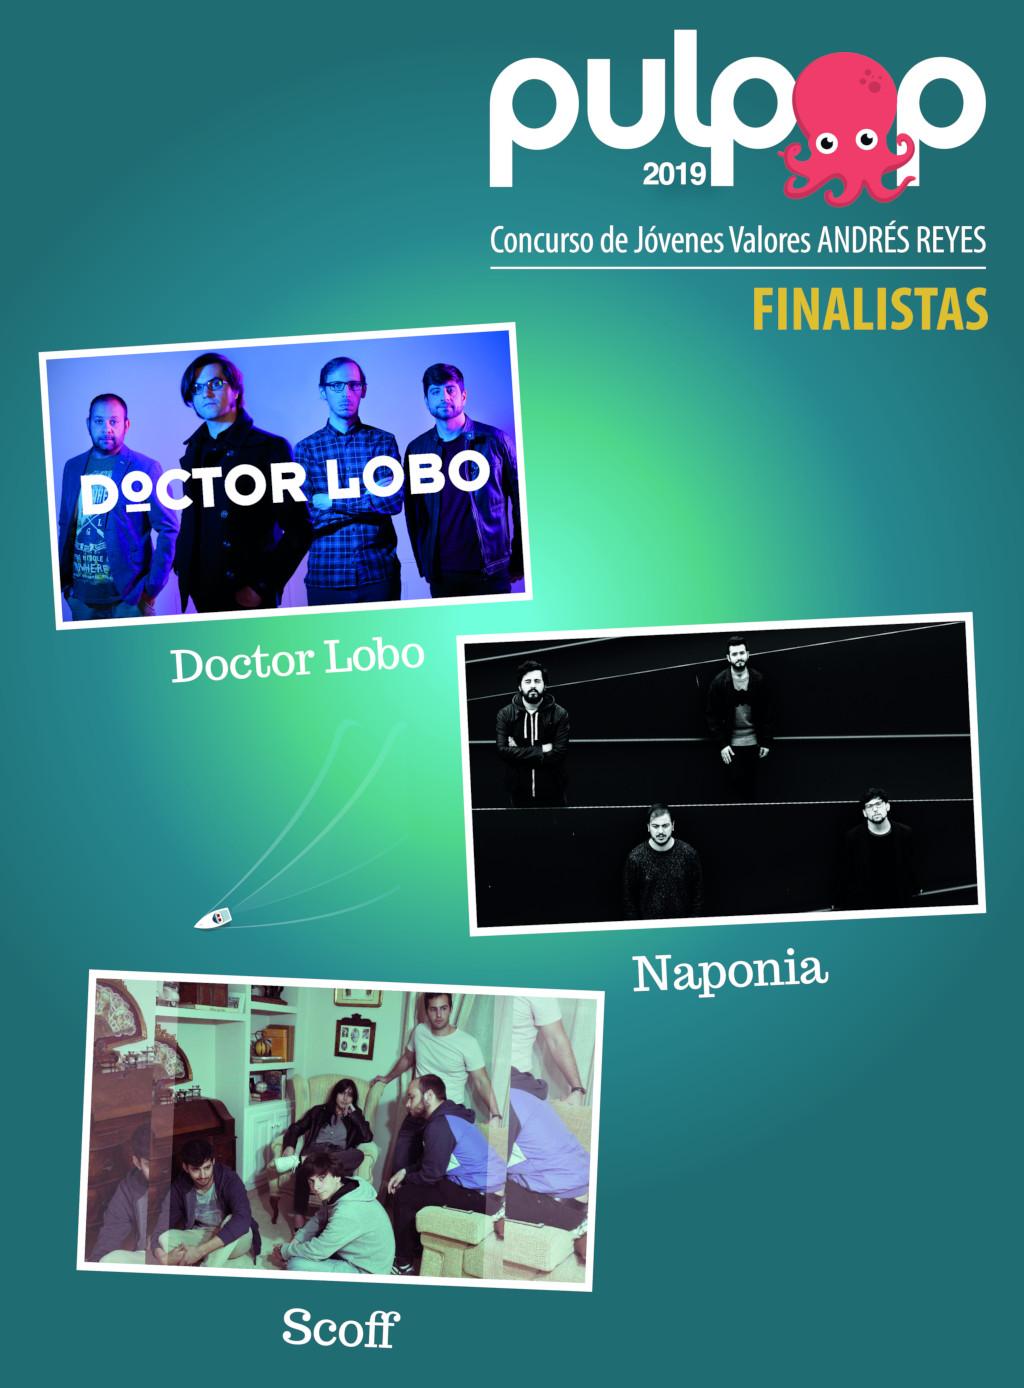 Pulpop 2019 - finalistas